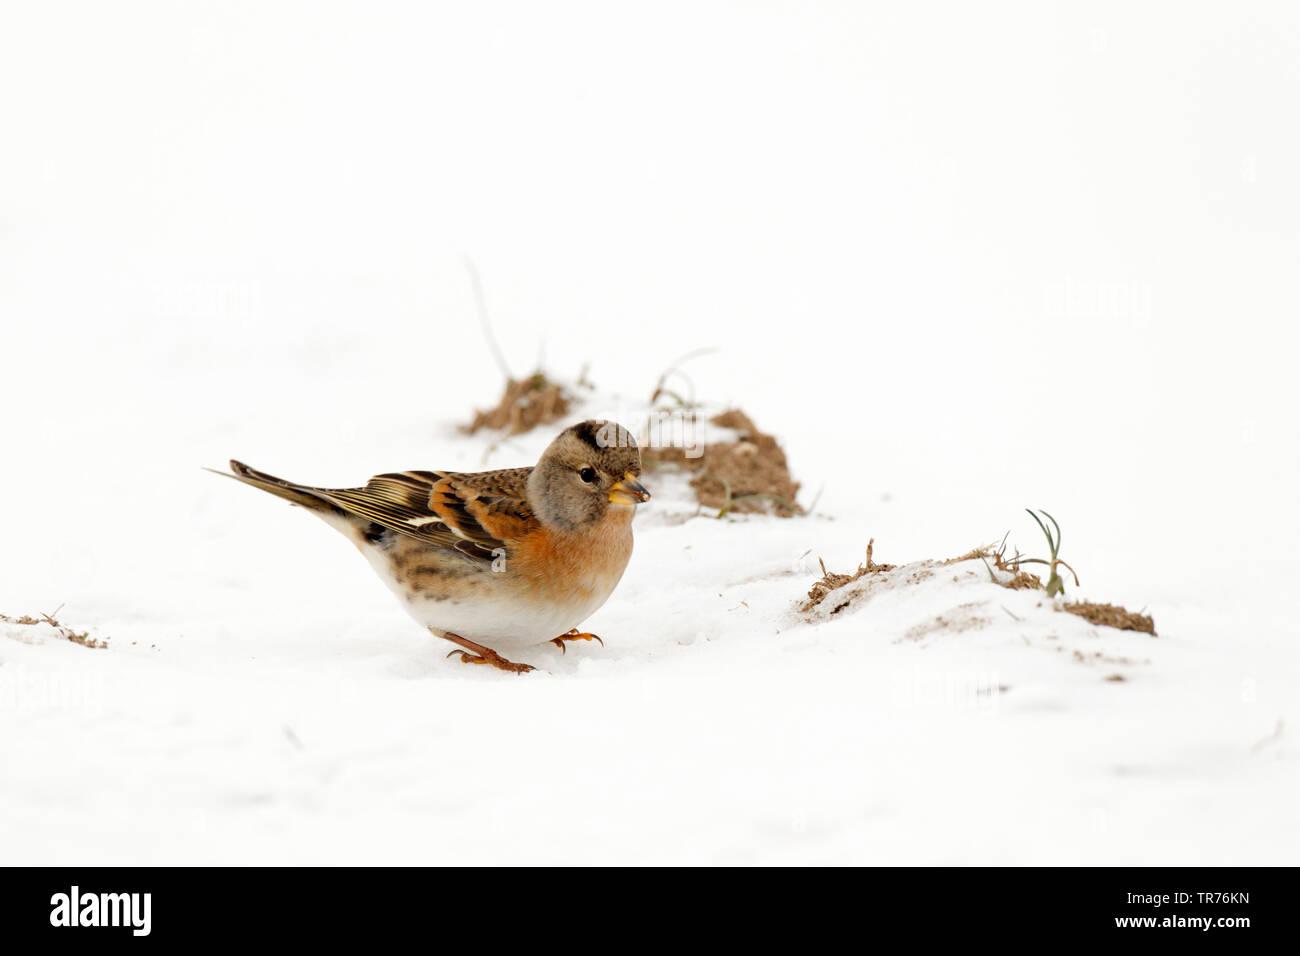 brambling (Fringilla montifringilla), in snow, Netherlands, Limburg - Stock Image